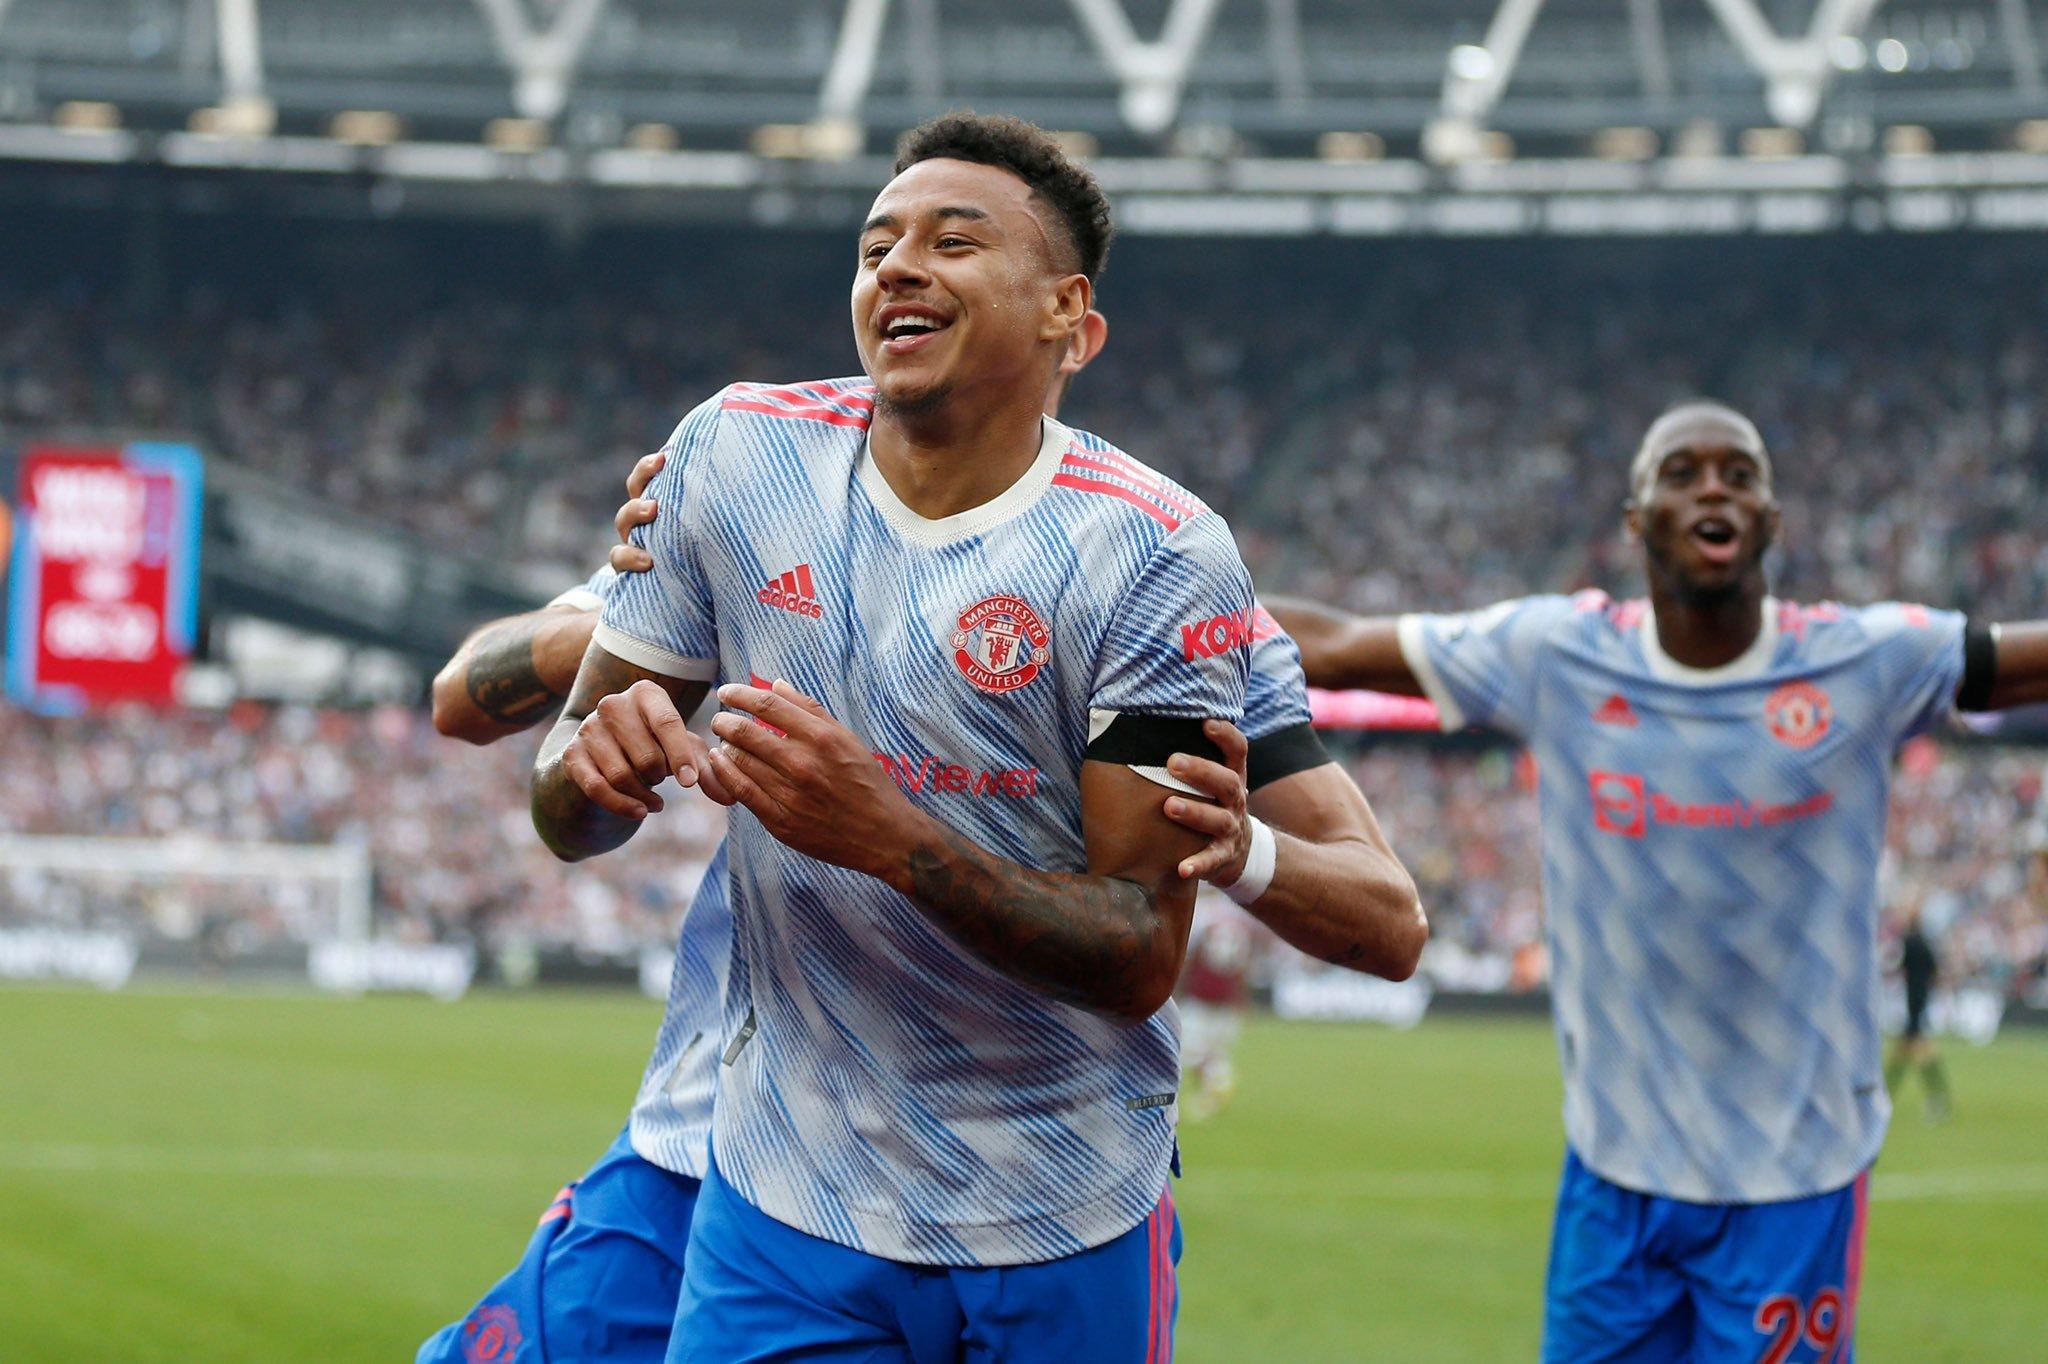 罗马诺:曼联和林加德方面进行了续约接触,索帅向球员施压